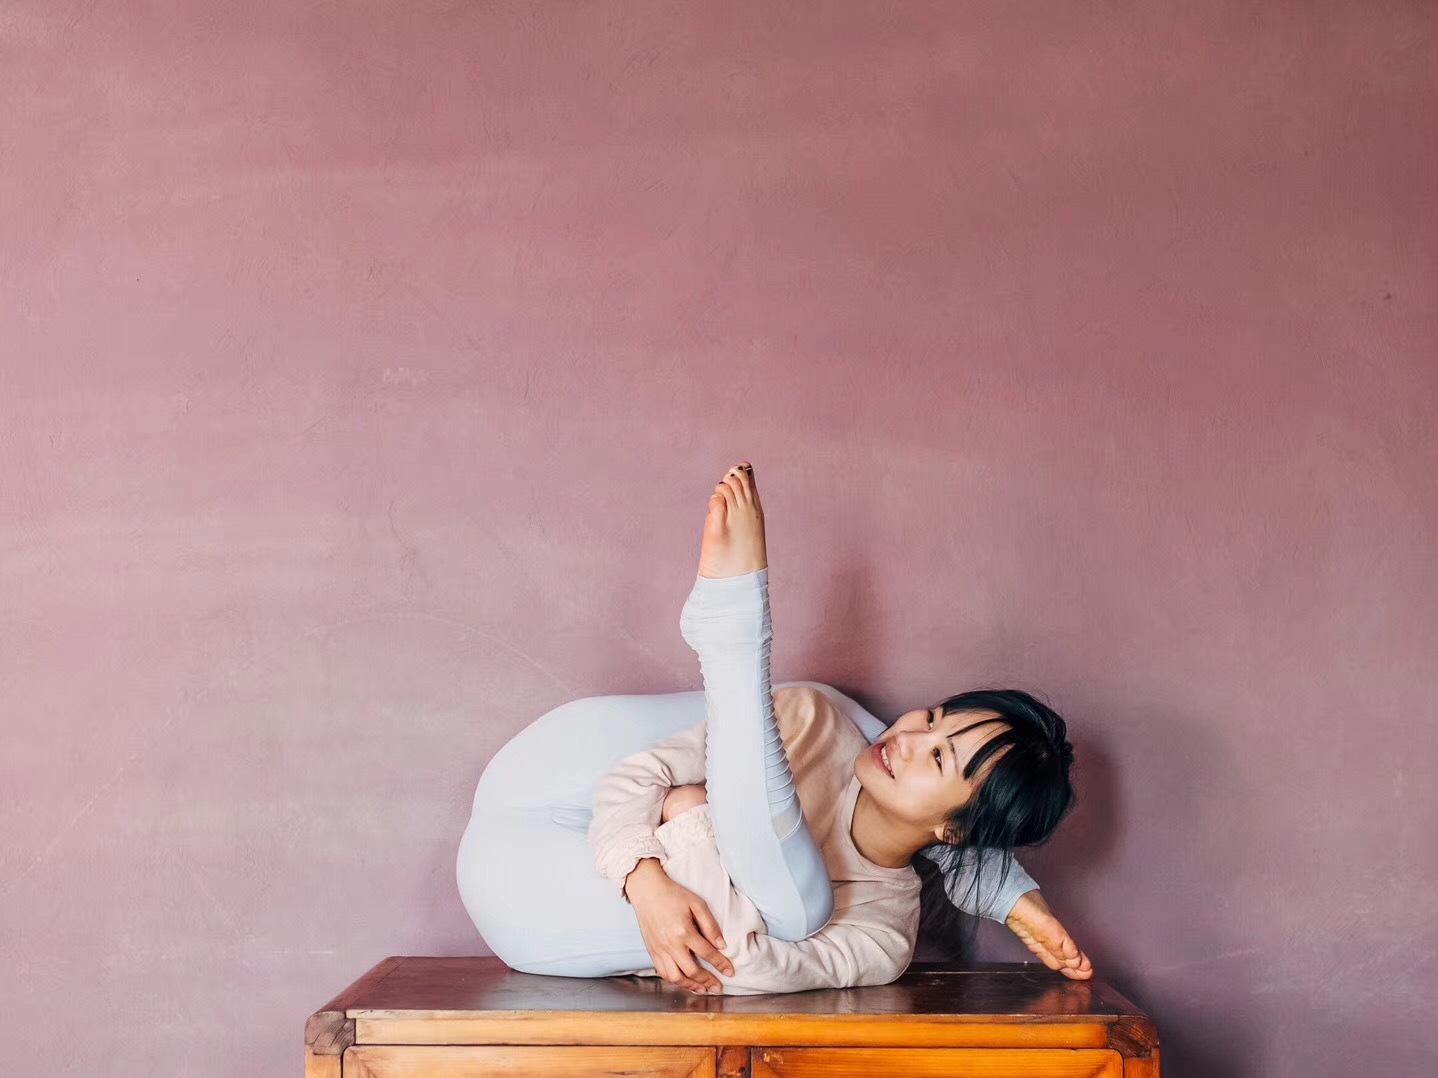 拍瑜伽照,這些體式簡單又美膩圖片